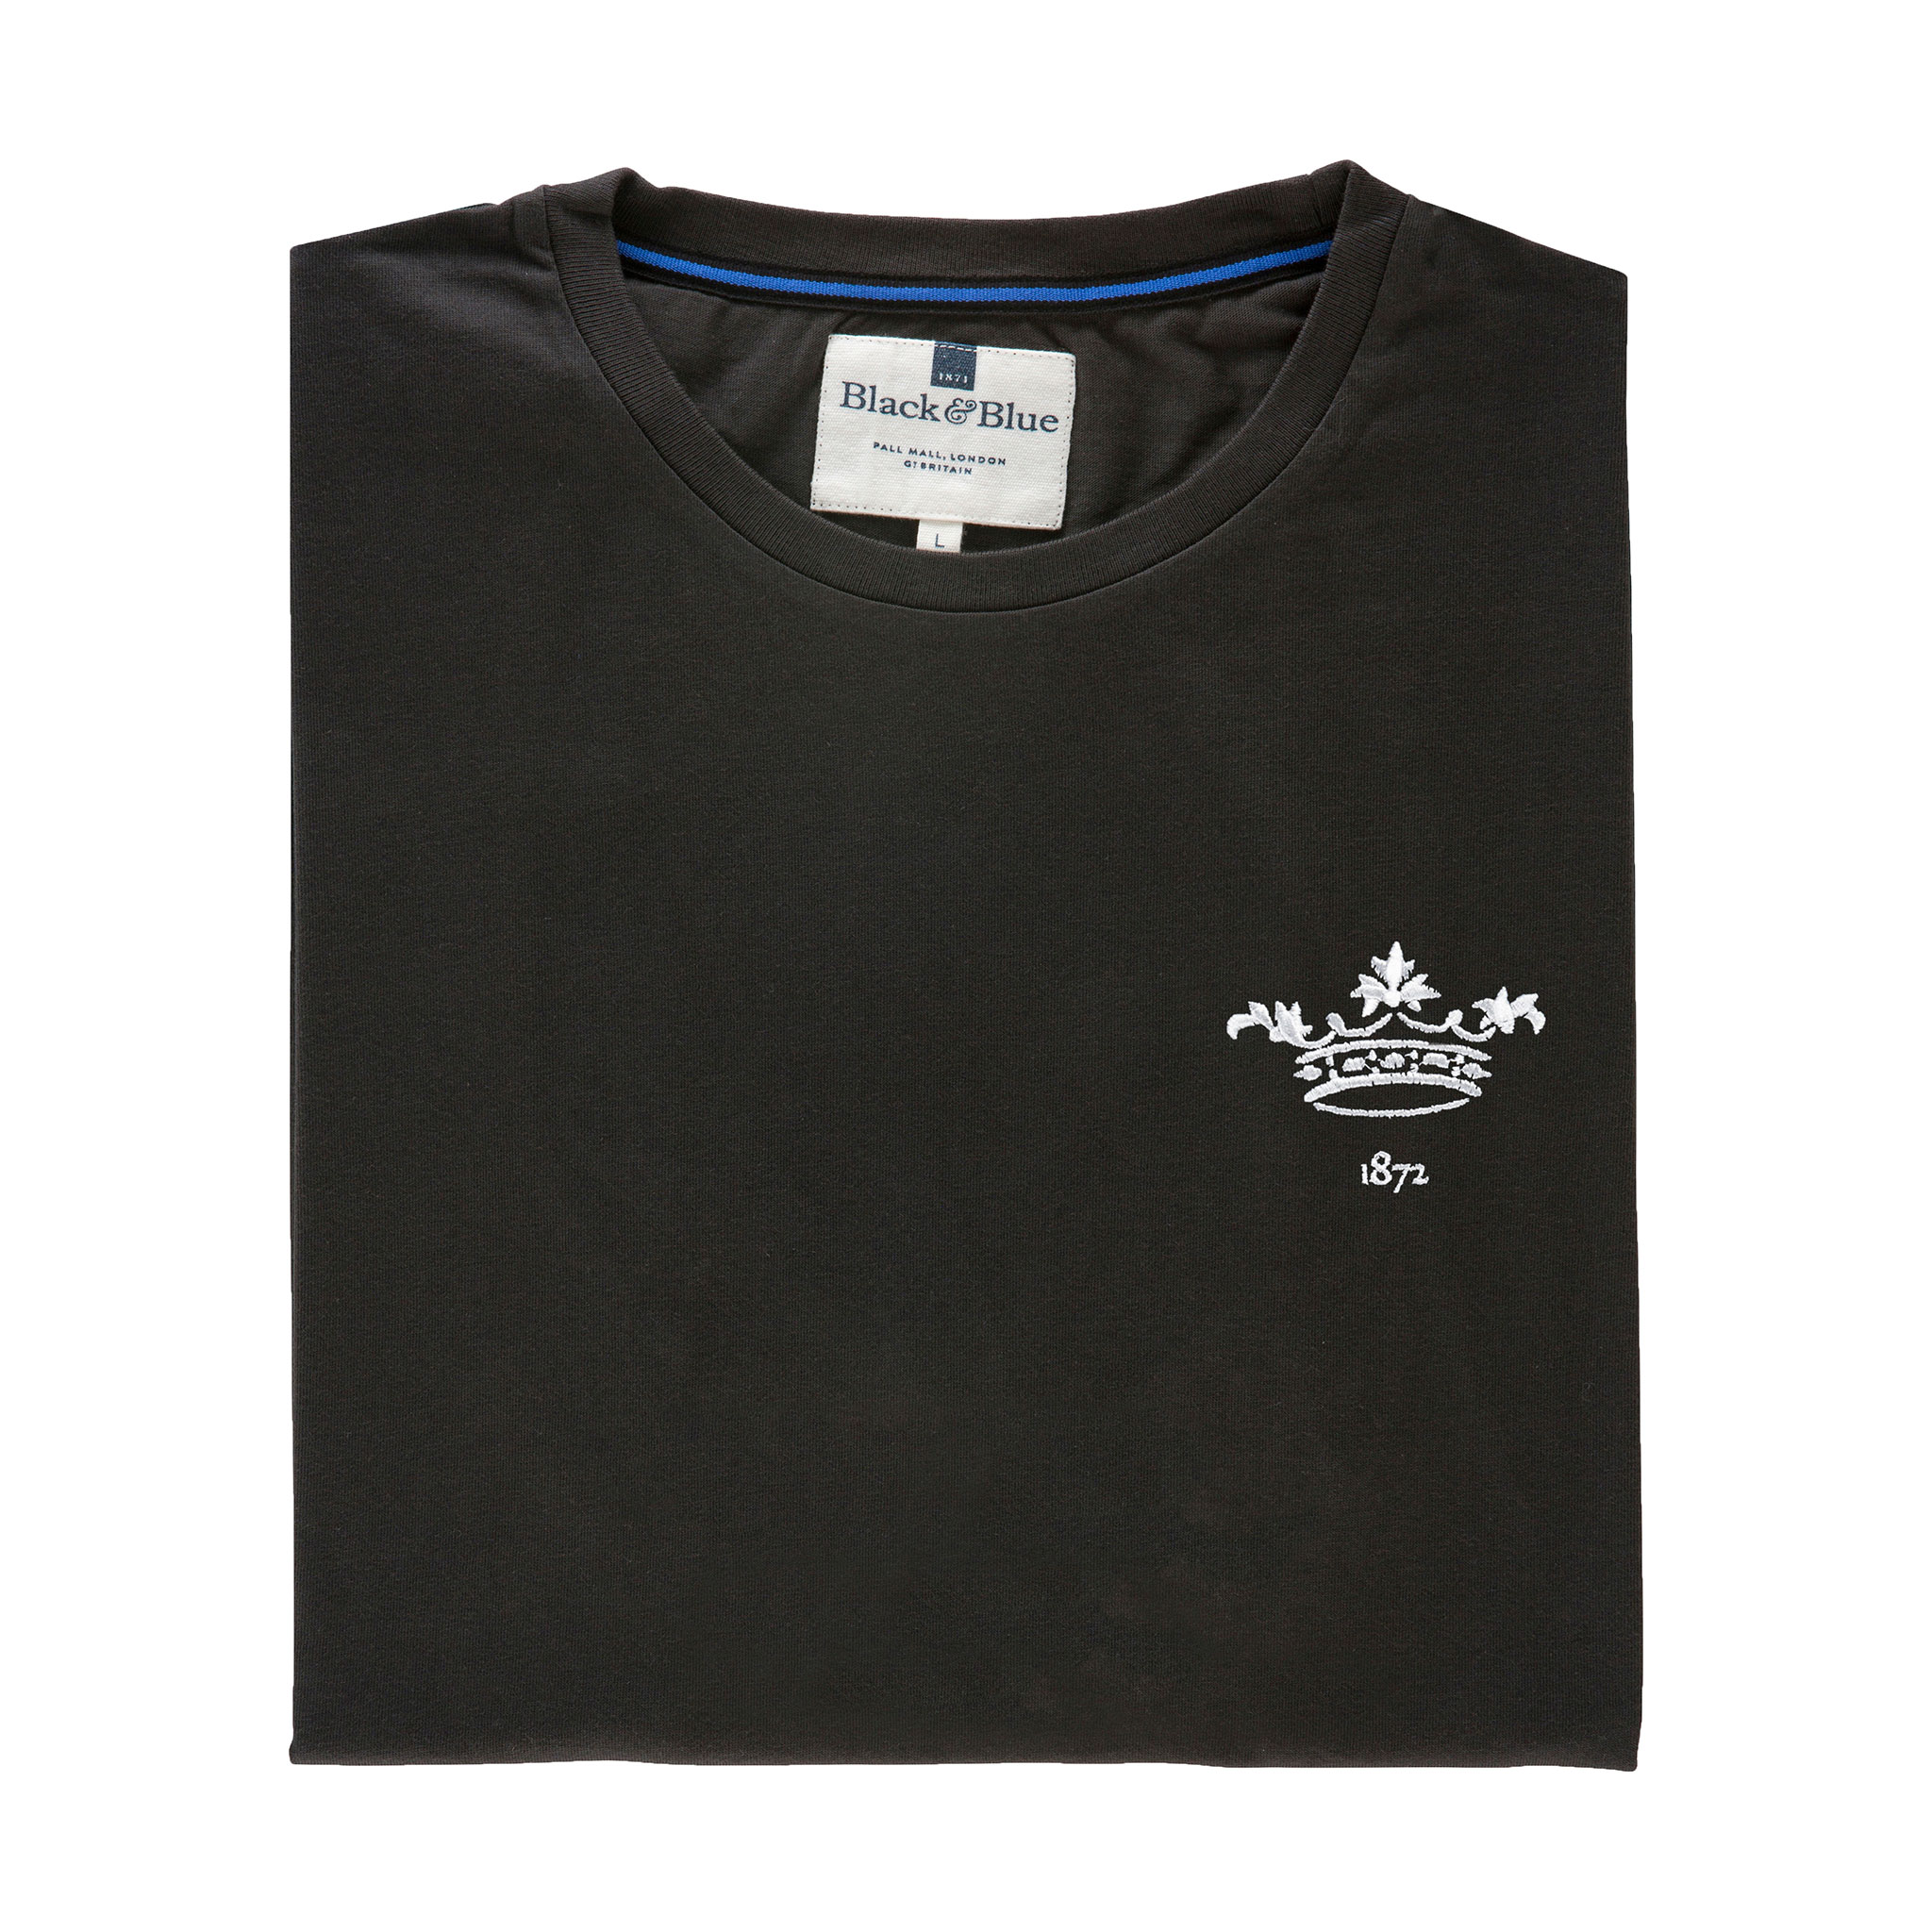 Oxford 1872 Asphalt Tshirt_Folded